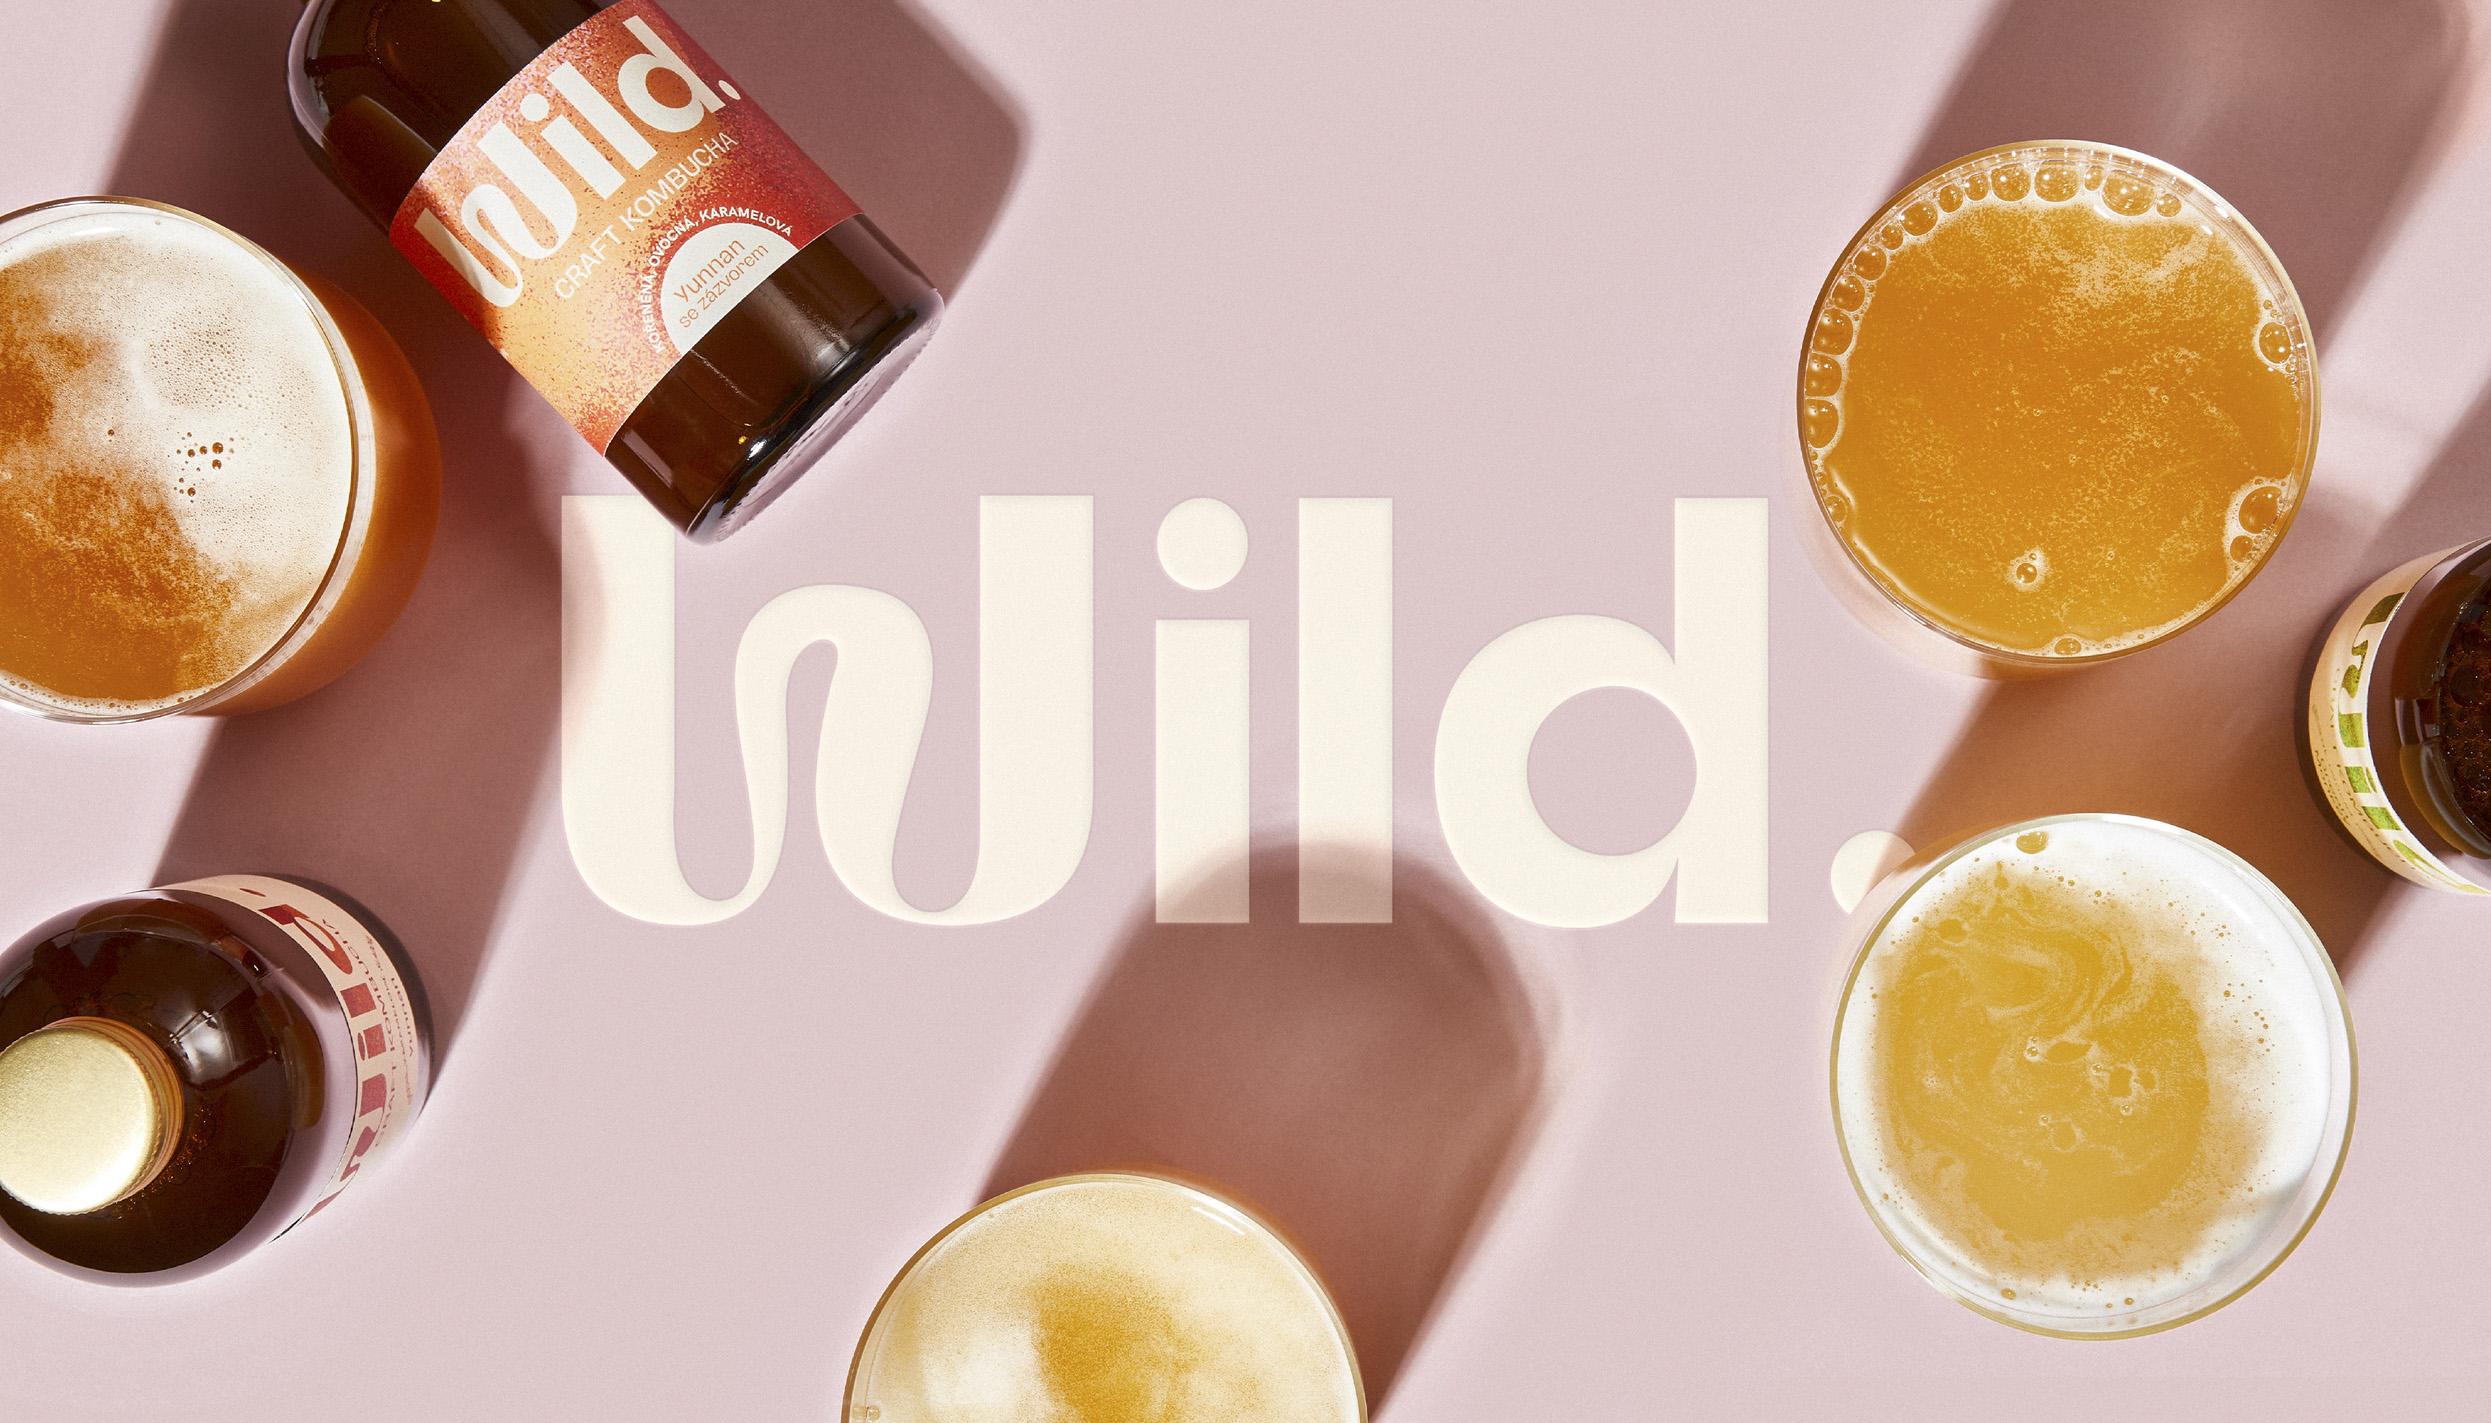 Wild Kombucha Brand and Packaging Design by Marlon Studio